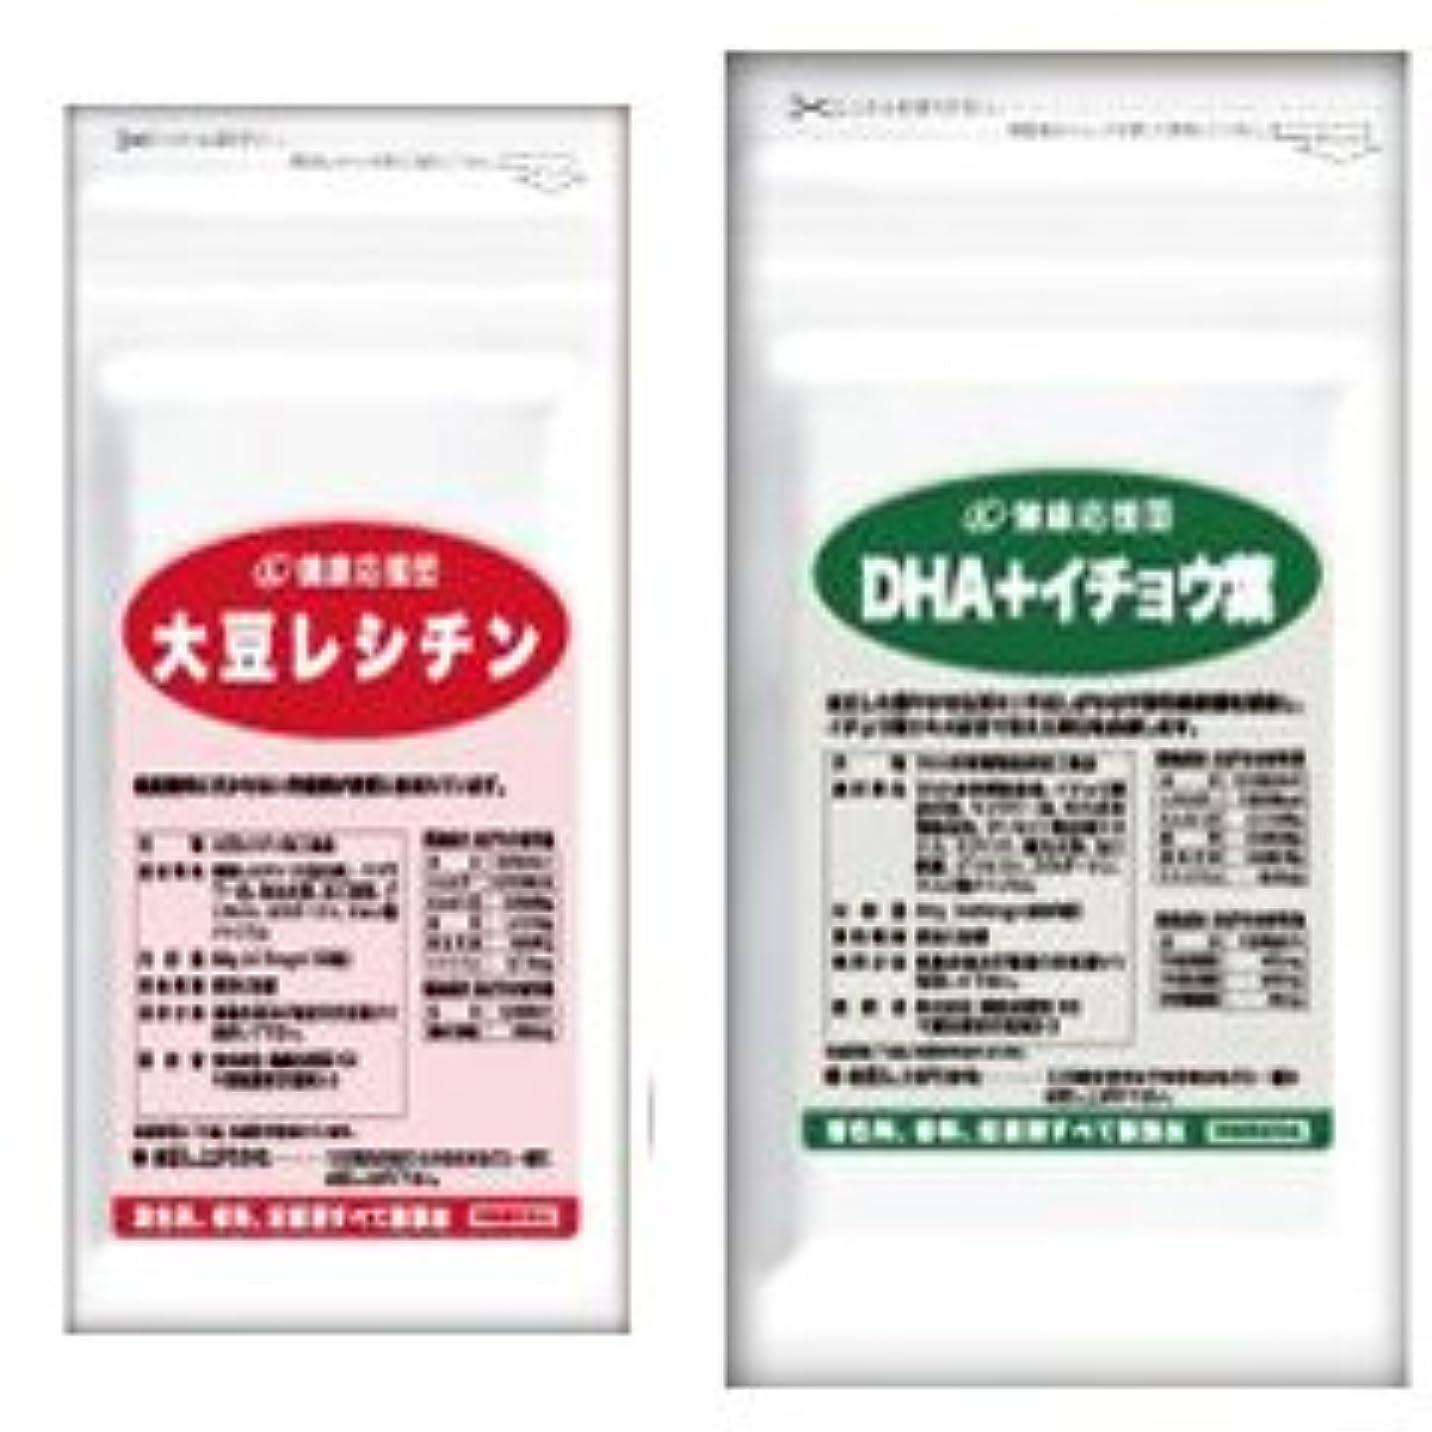 哀マイクロ感謝する流れサラサラセット 大豆レシチン+(DHA+イチョウ葉) (DHA?EPA?イチョウ葉)